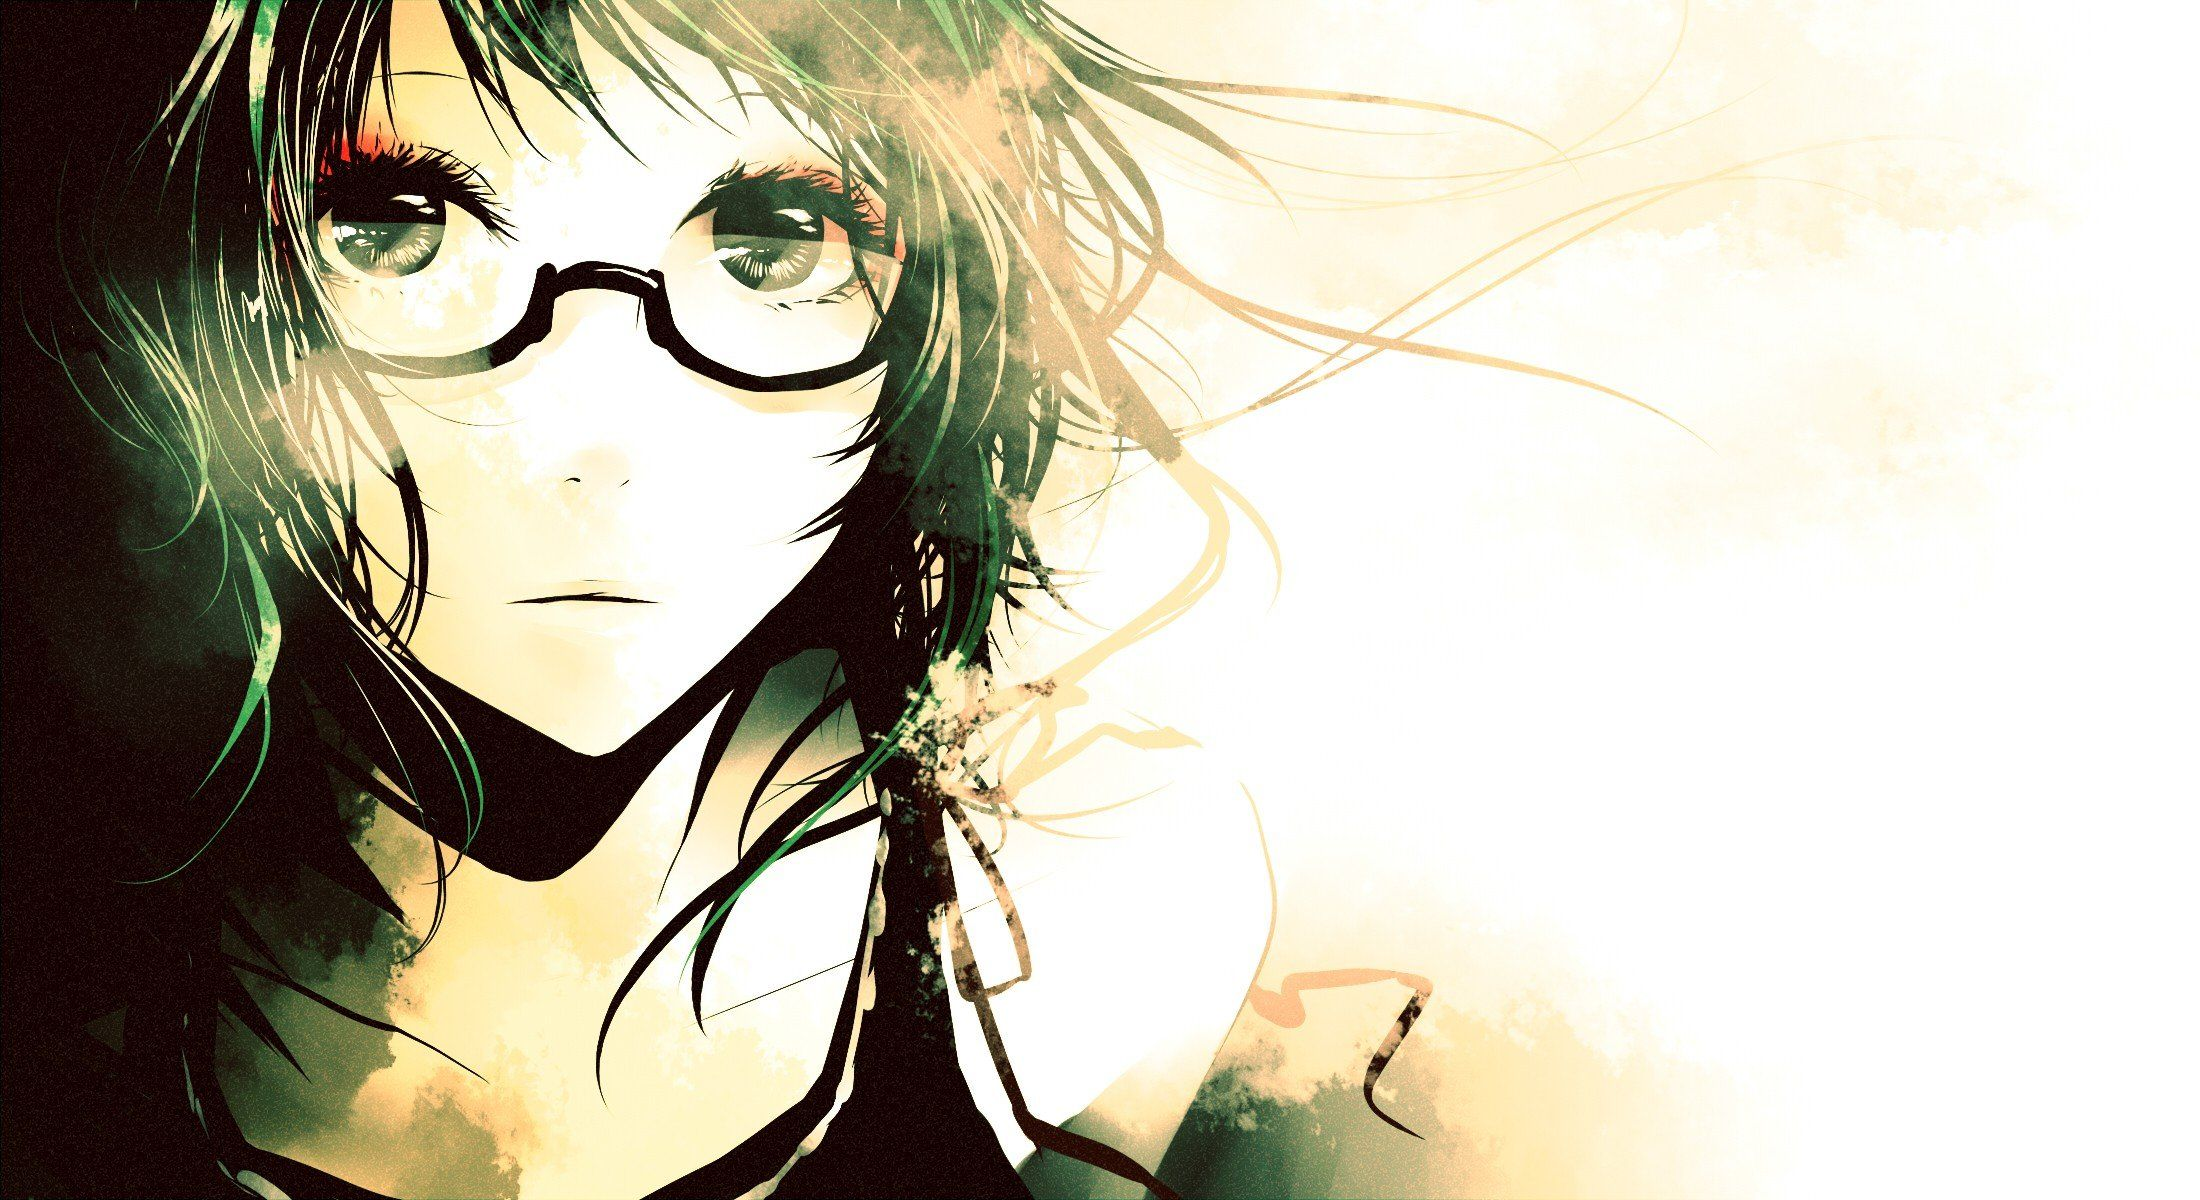 Anime girls glasses megpoid gumi short hair vocaloid walldevil